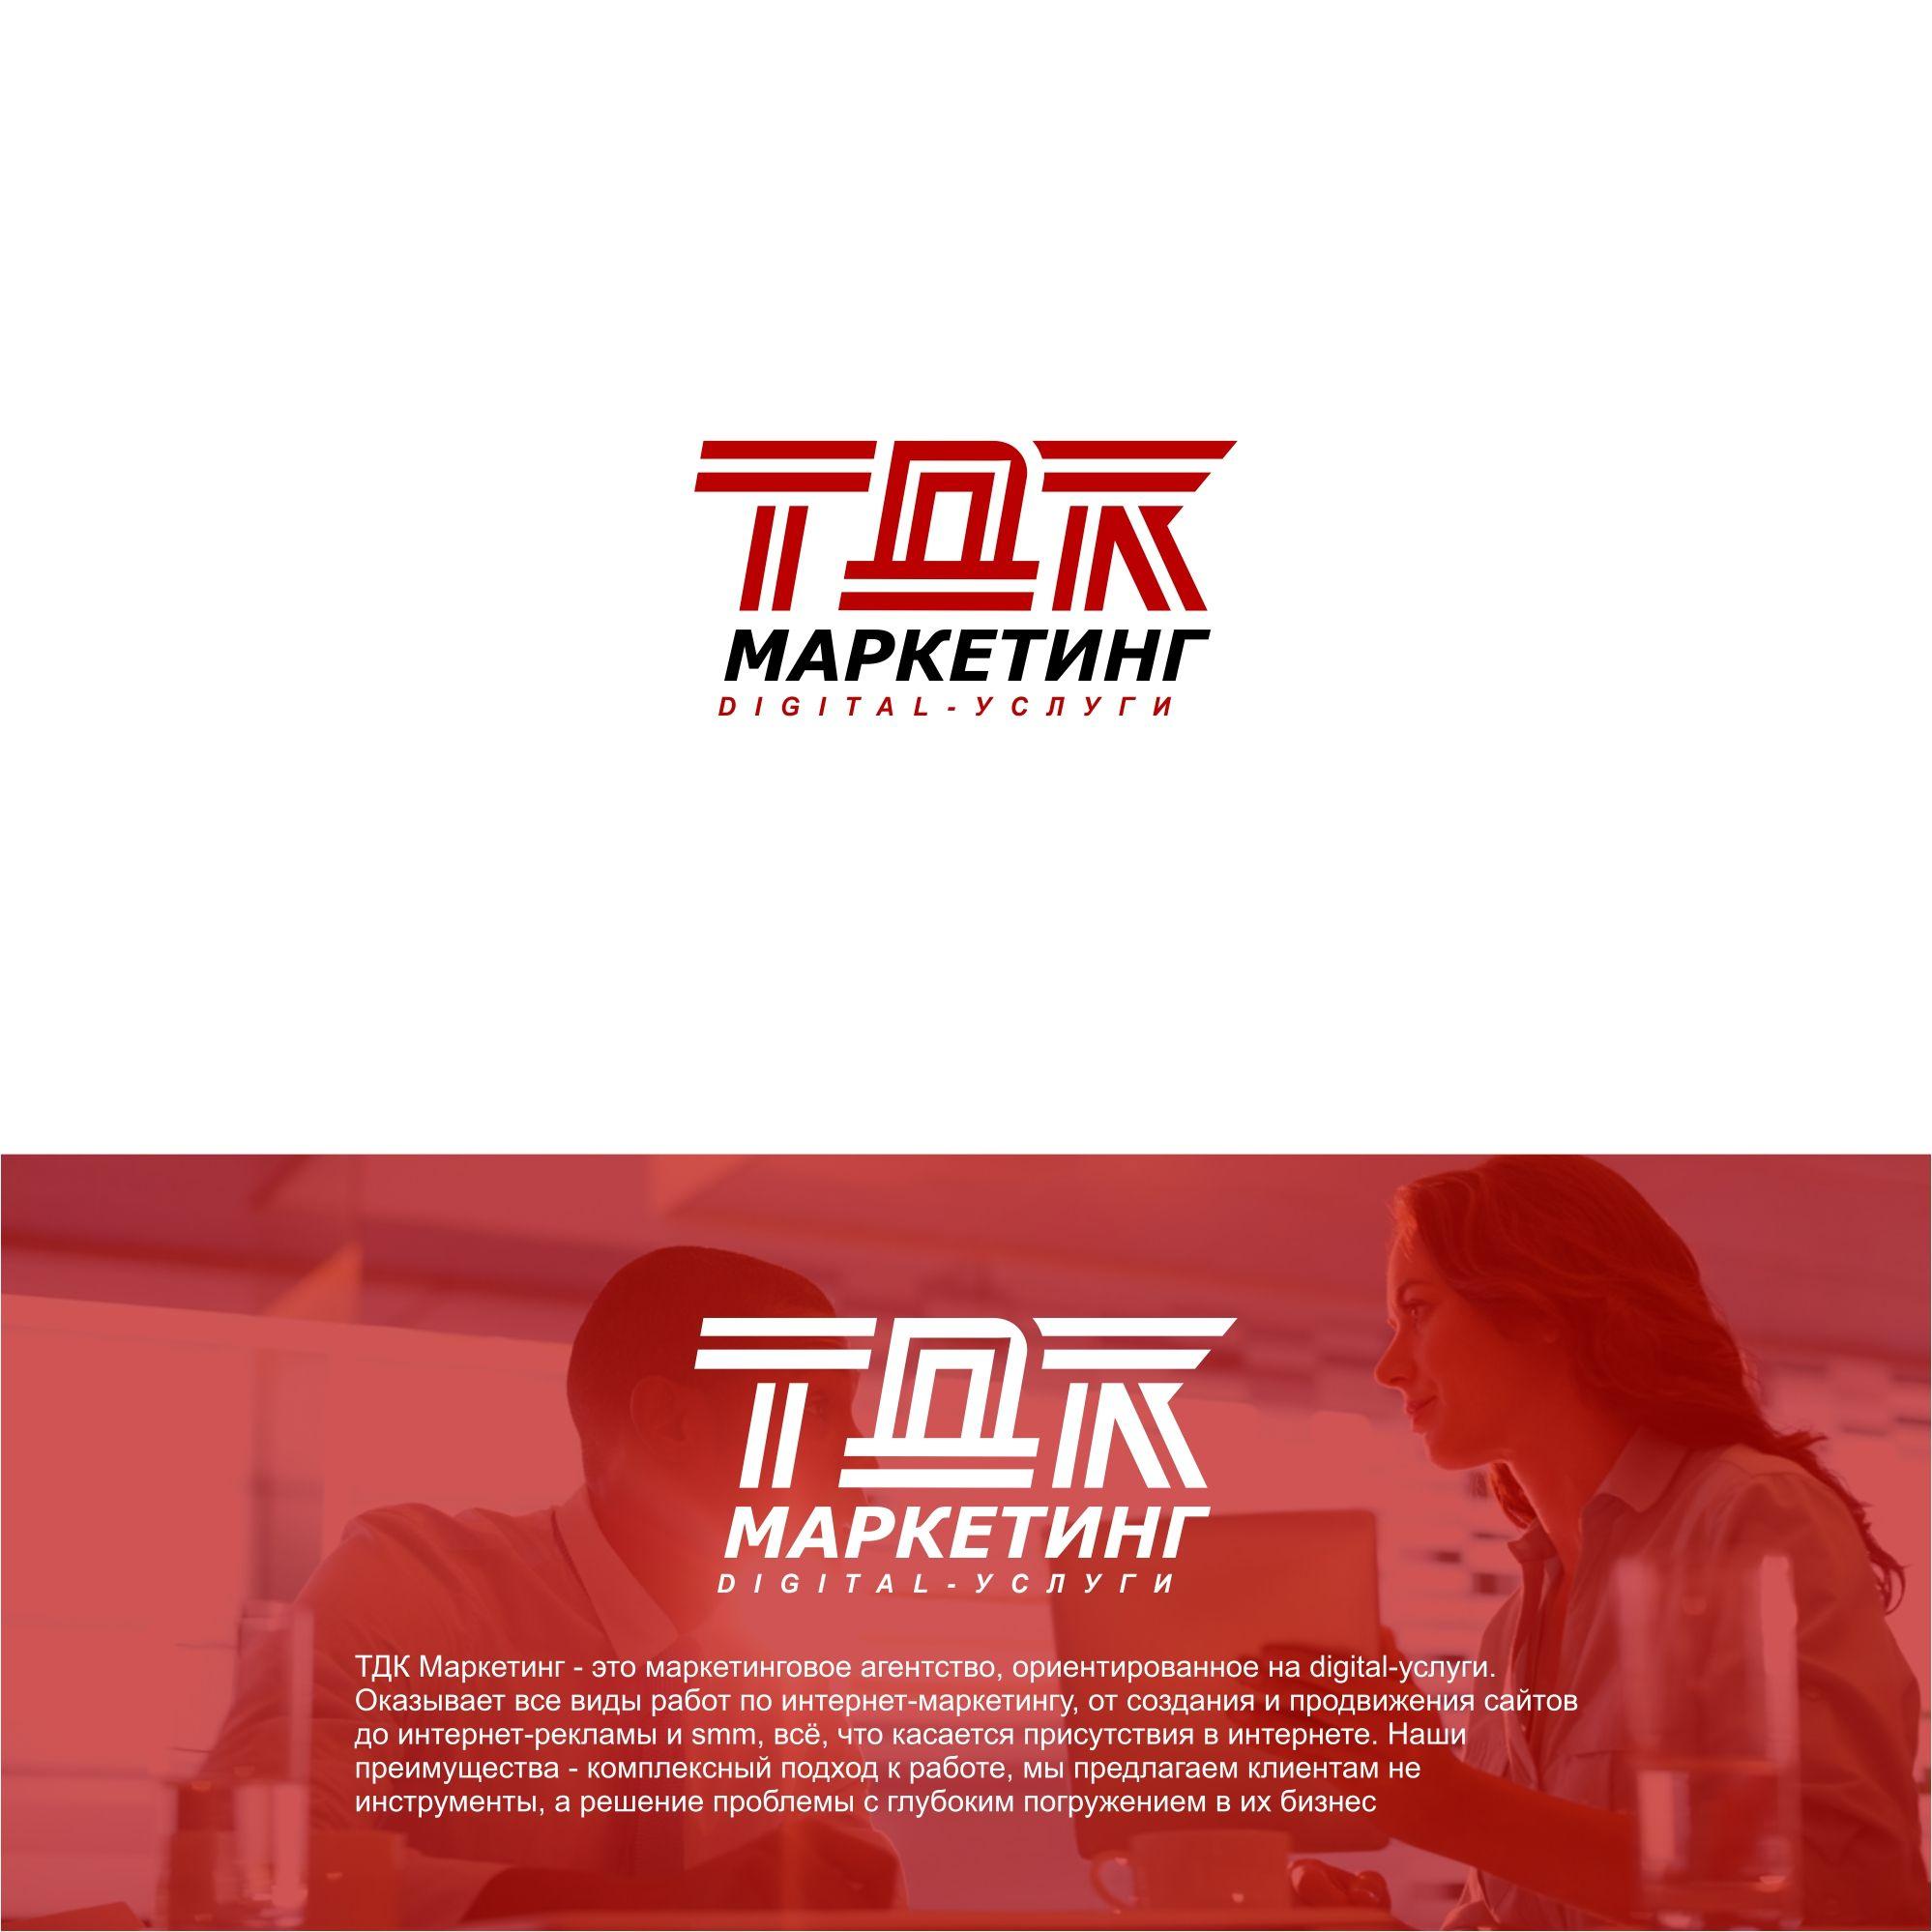 Лого и фирменный стиль для ТДК Маркетинг - дизайнер serz4868